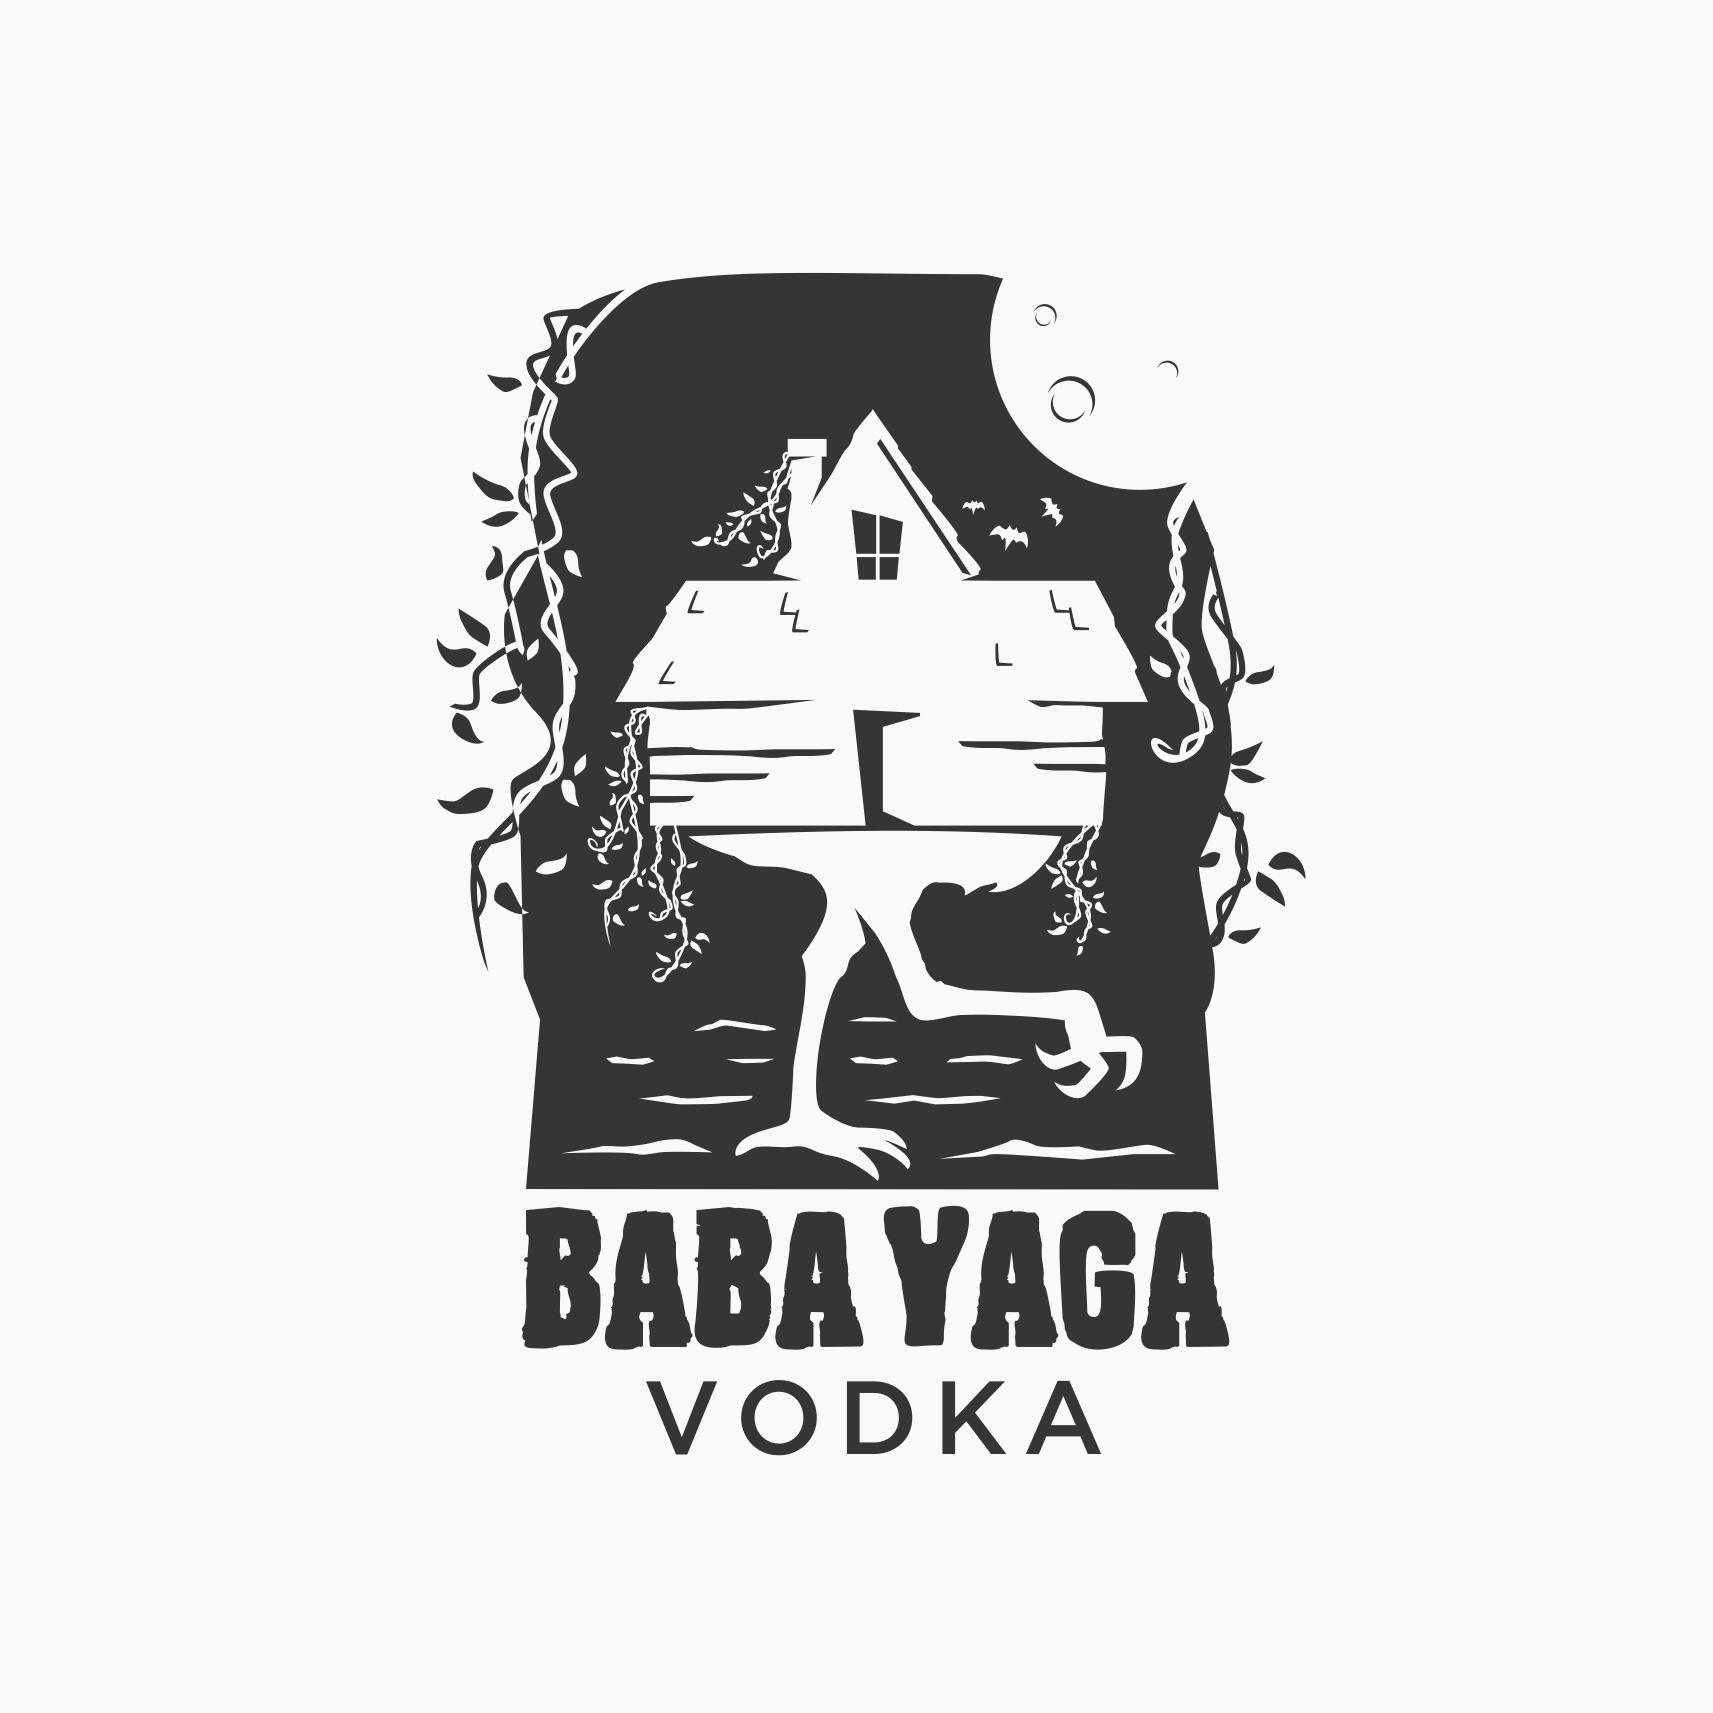 BabaYaga Vodka logo